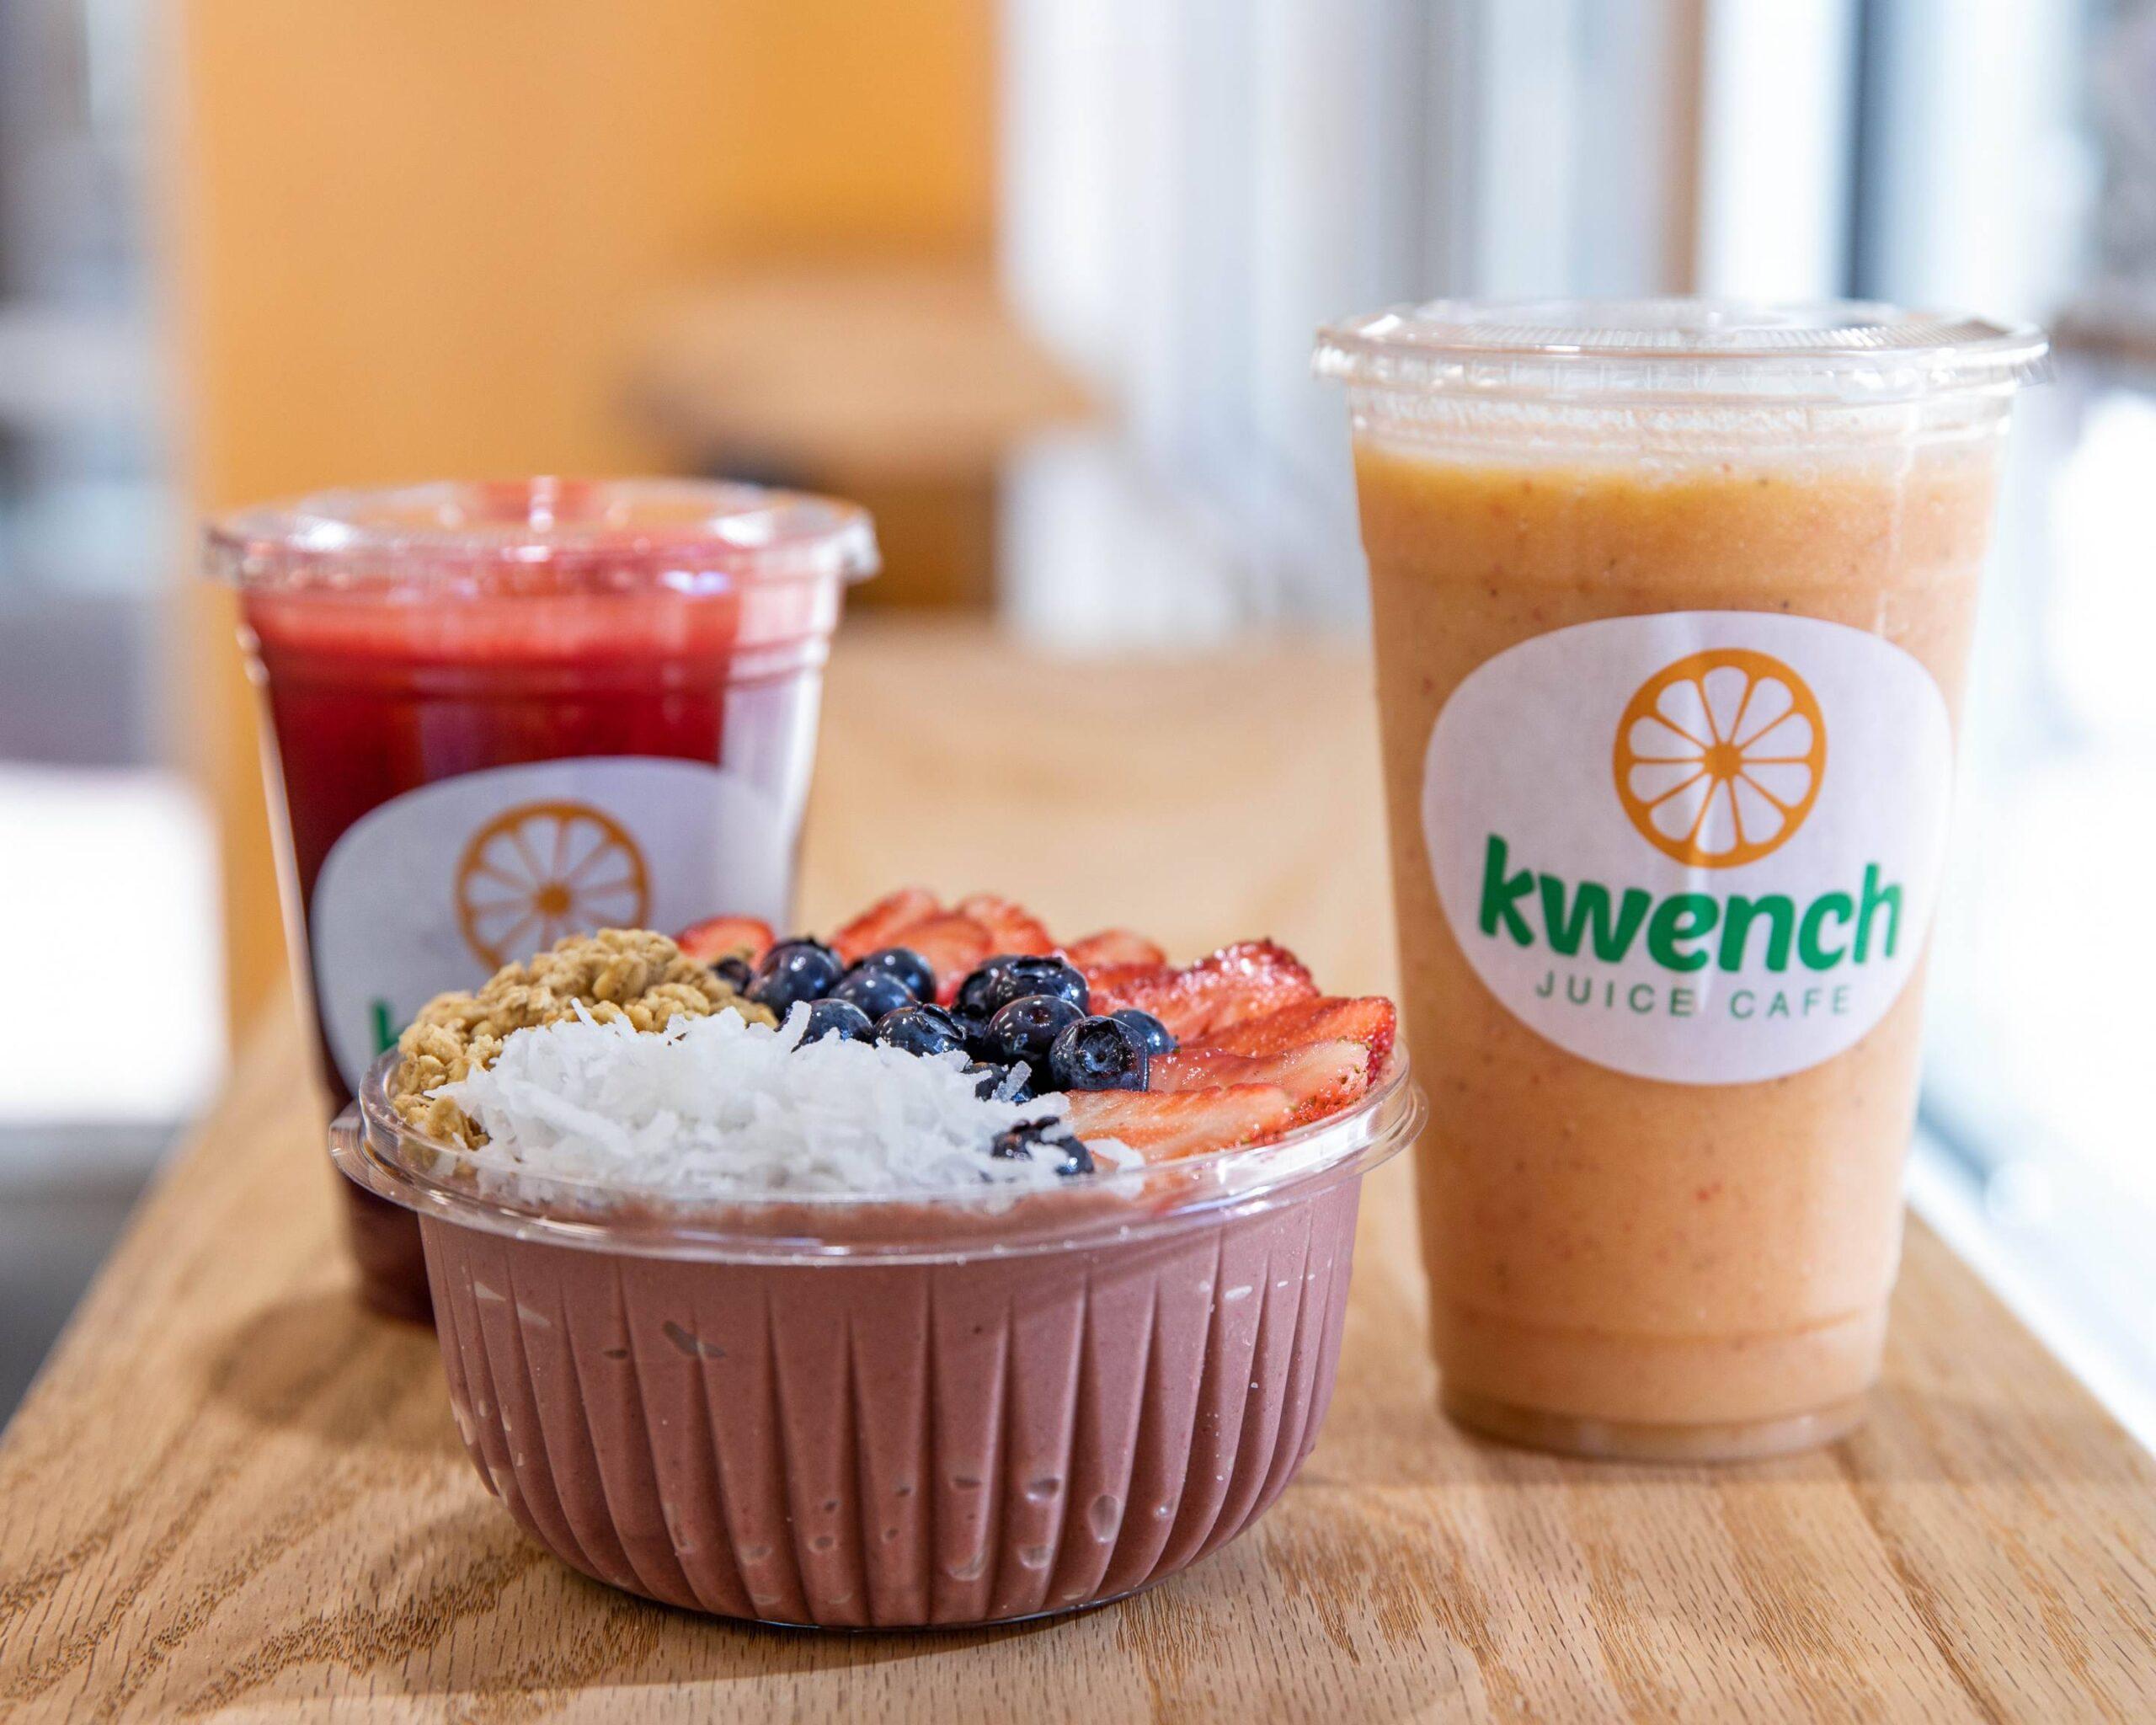 Kwench Juice Cafe Nashville